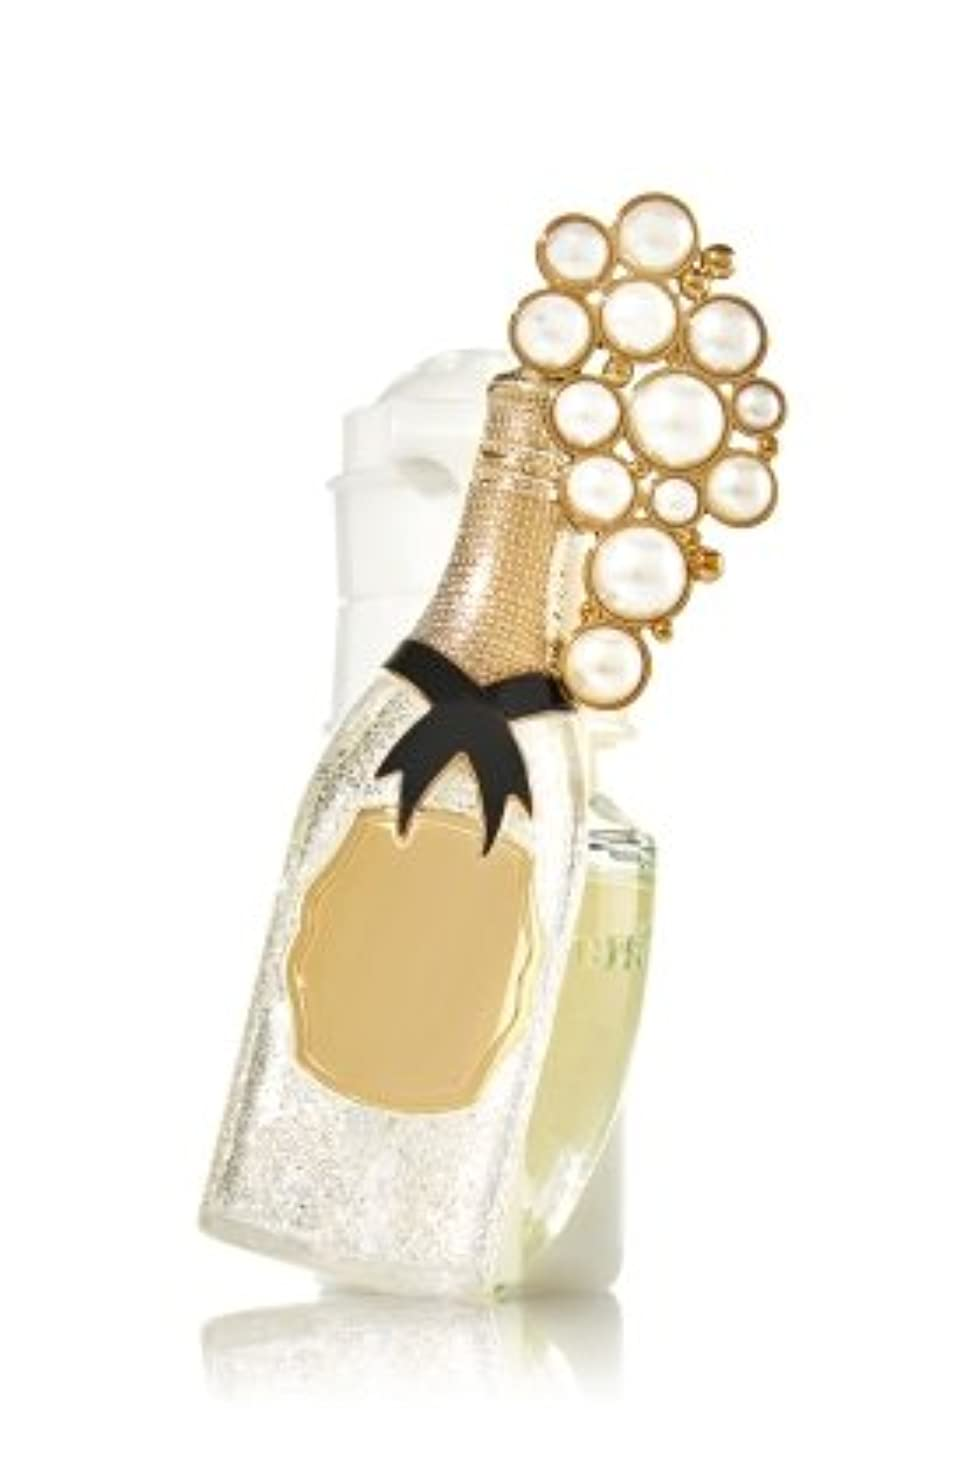 アシスタント軽蔑する防ぐBath & Body Works Wallflower Fragrance Plugシャンパントースト